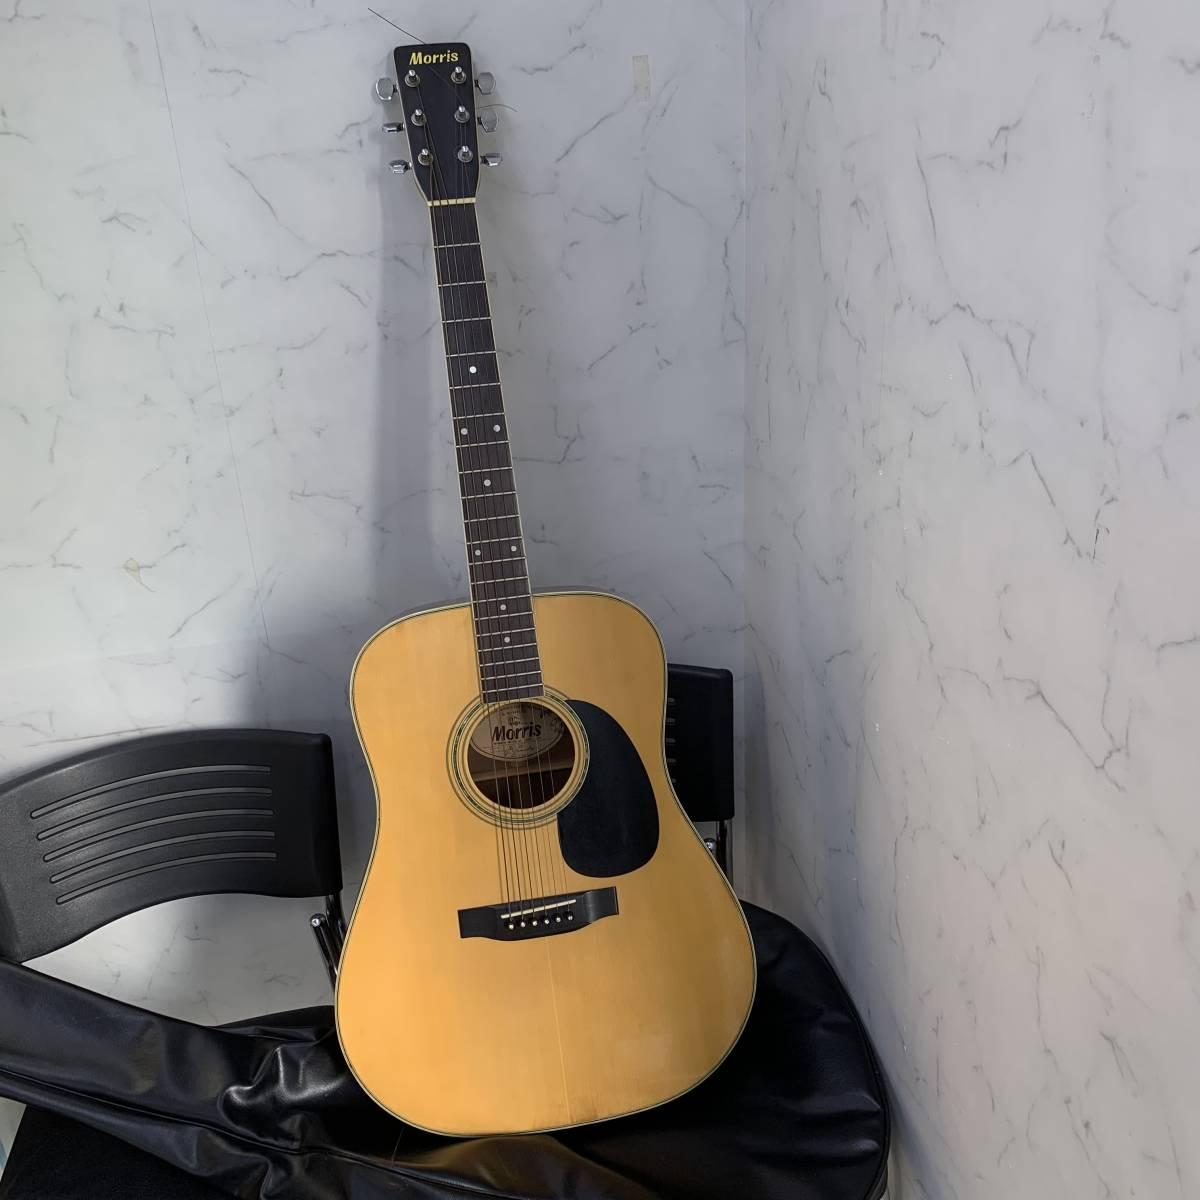 モーリス MORRIS アコースティックギター W-25 日本製